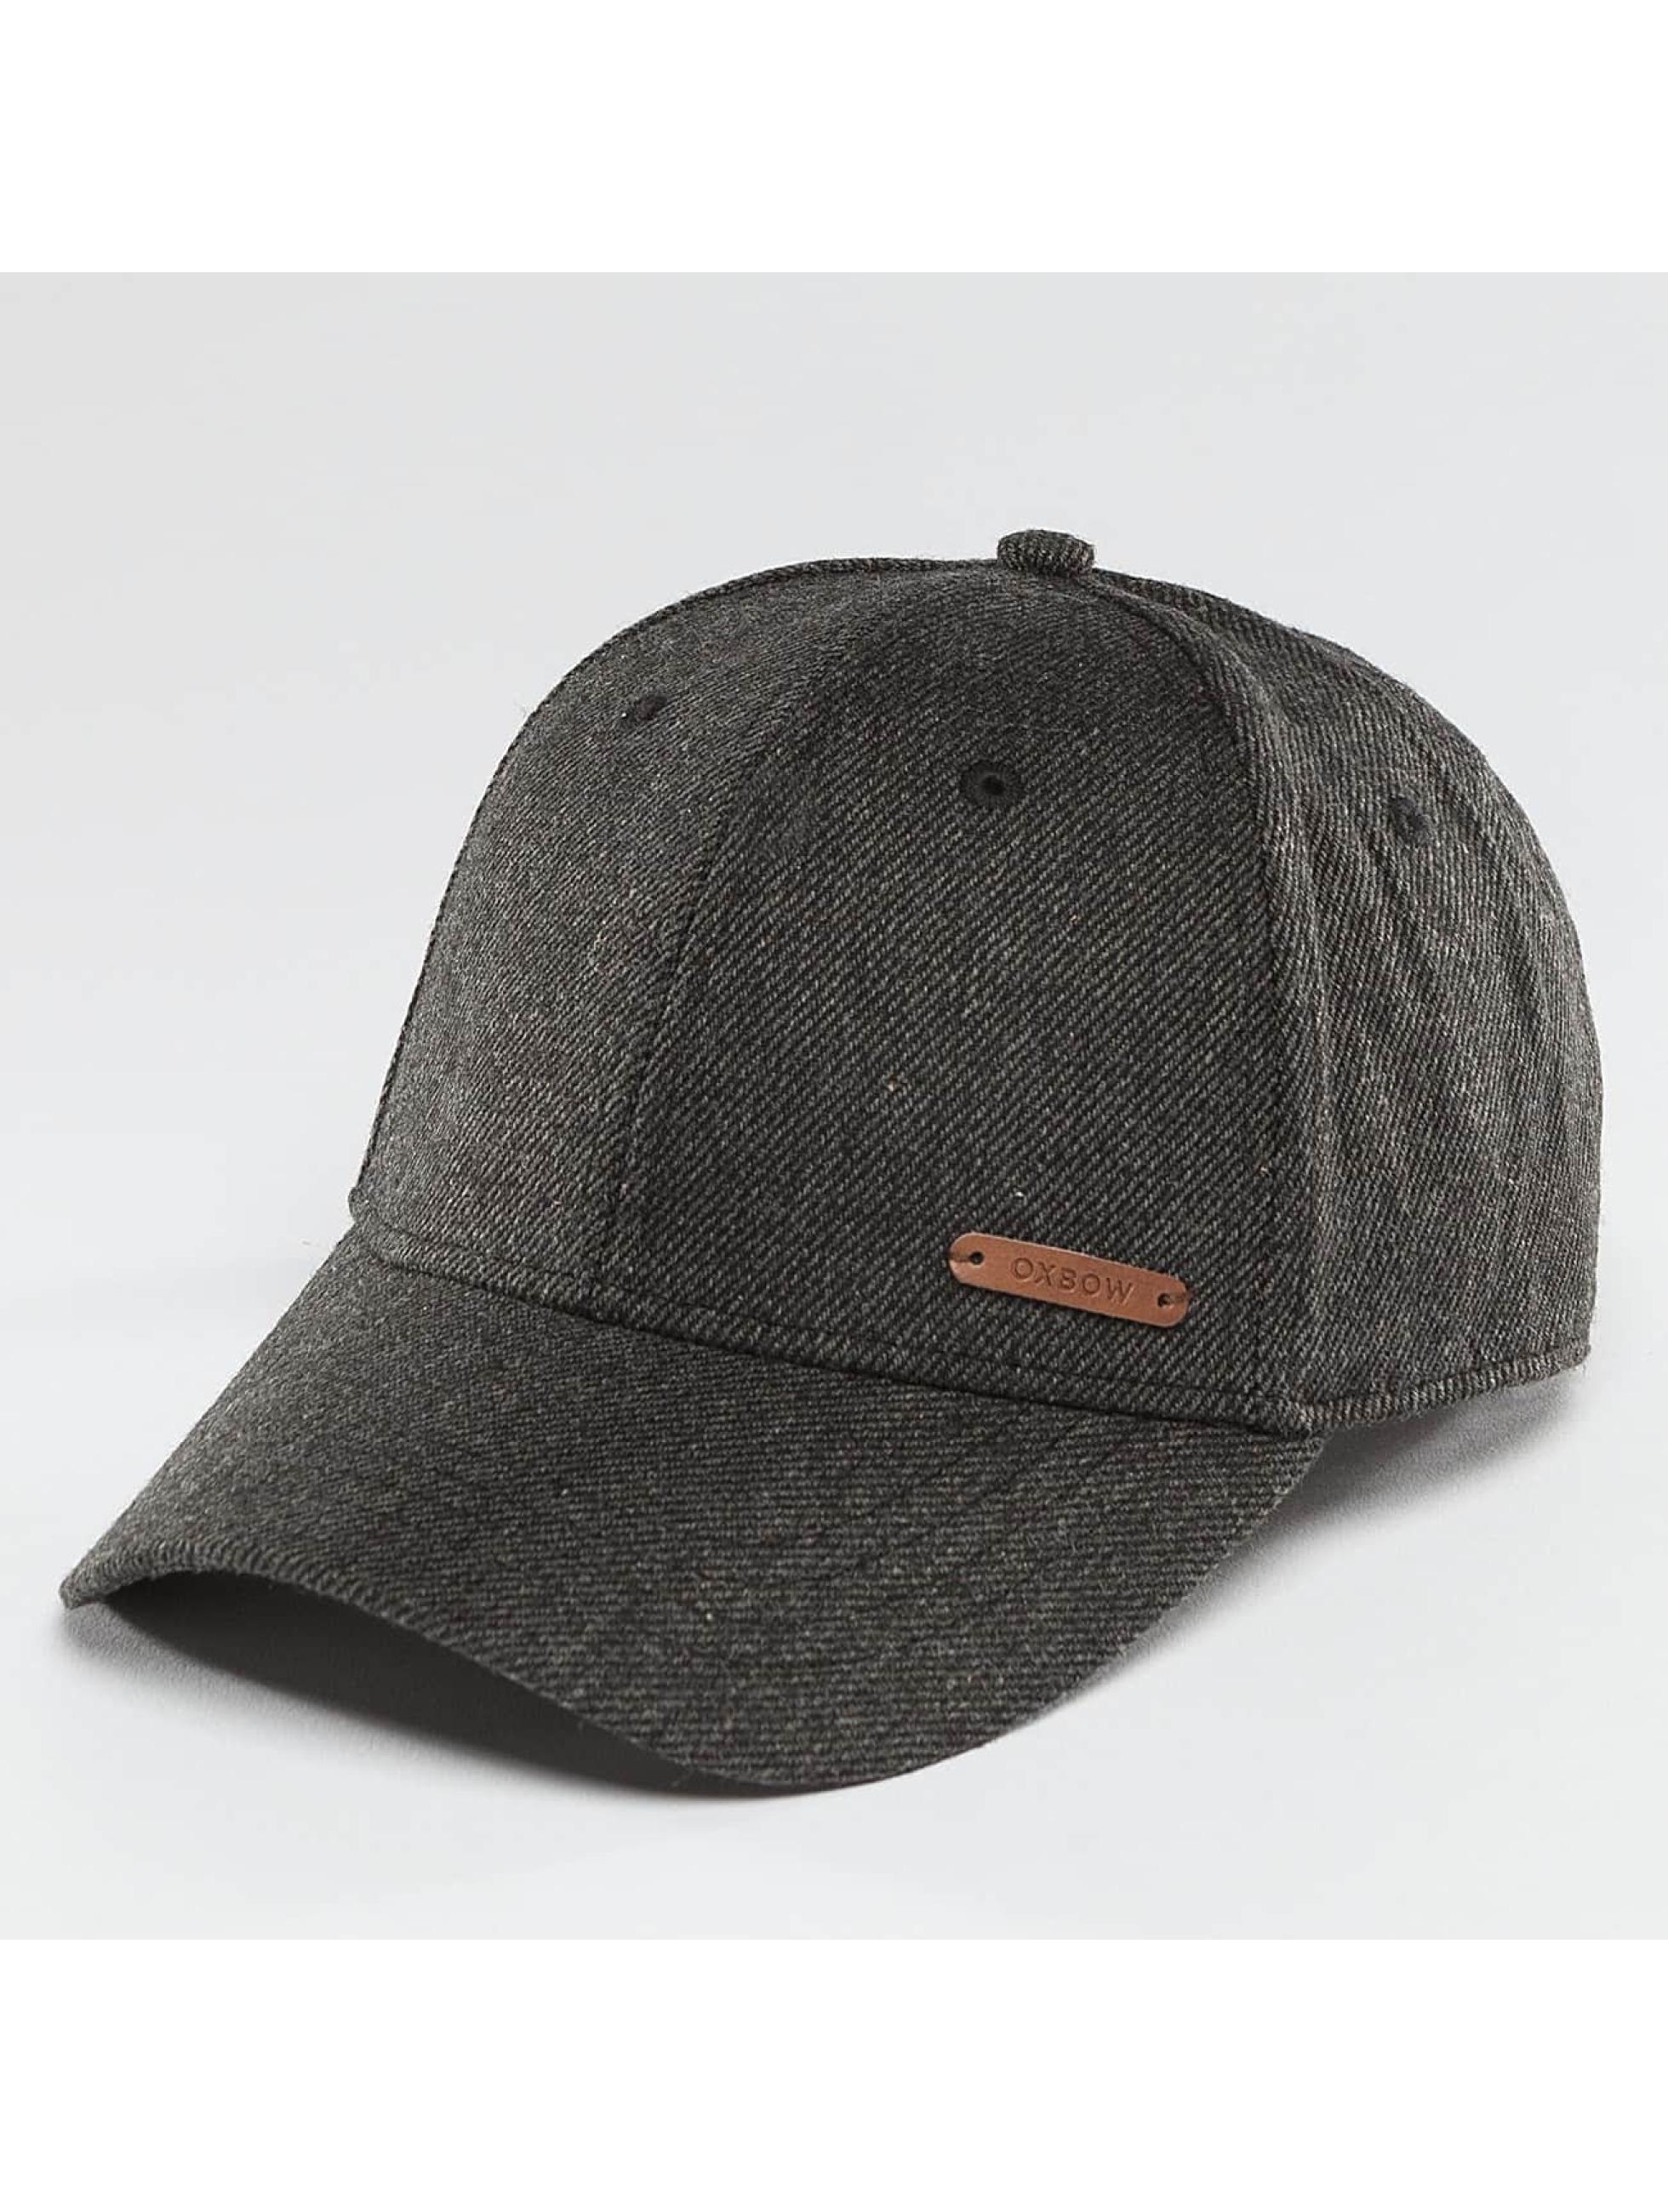 Oxbow Männer,Frauen Snapback Cap Azhi Flannel in grau